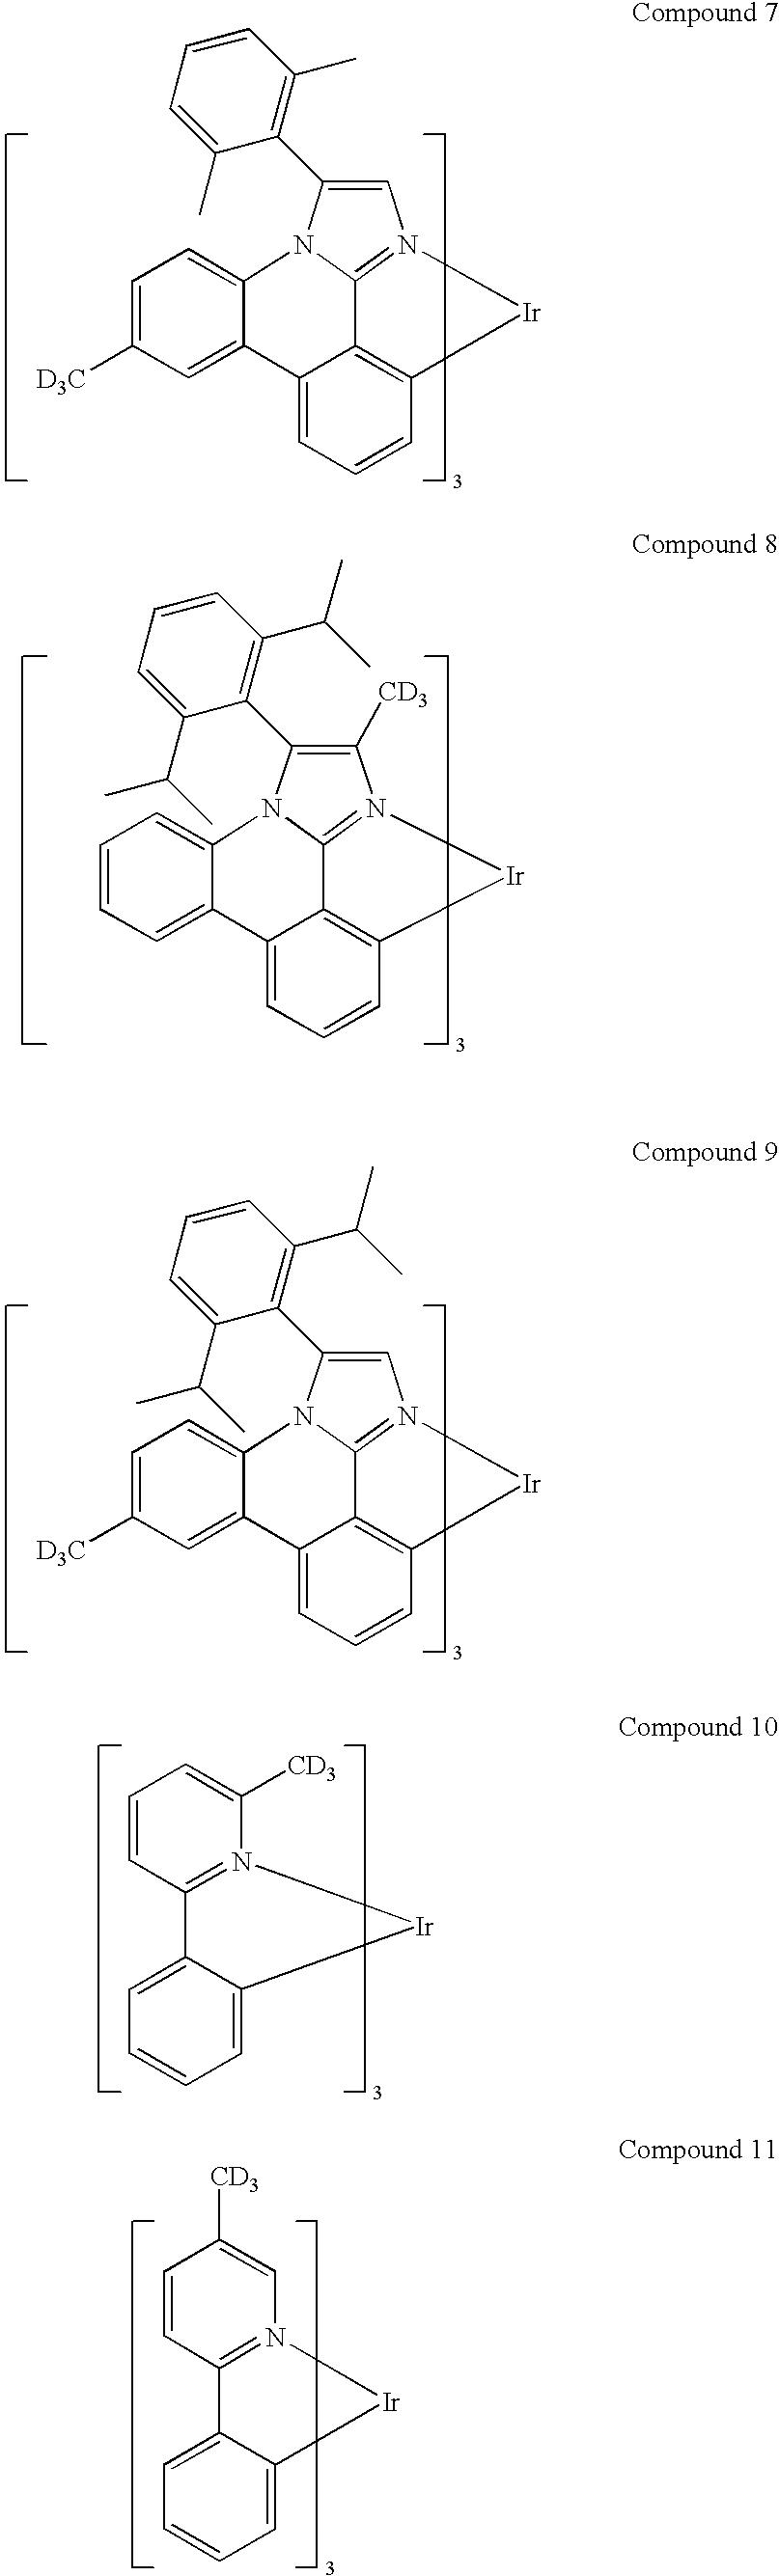 Figure US20100270916A1-20101028-C00162